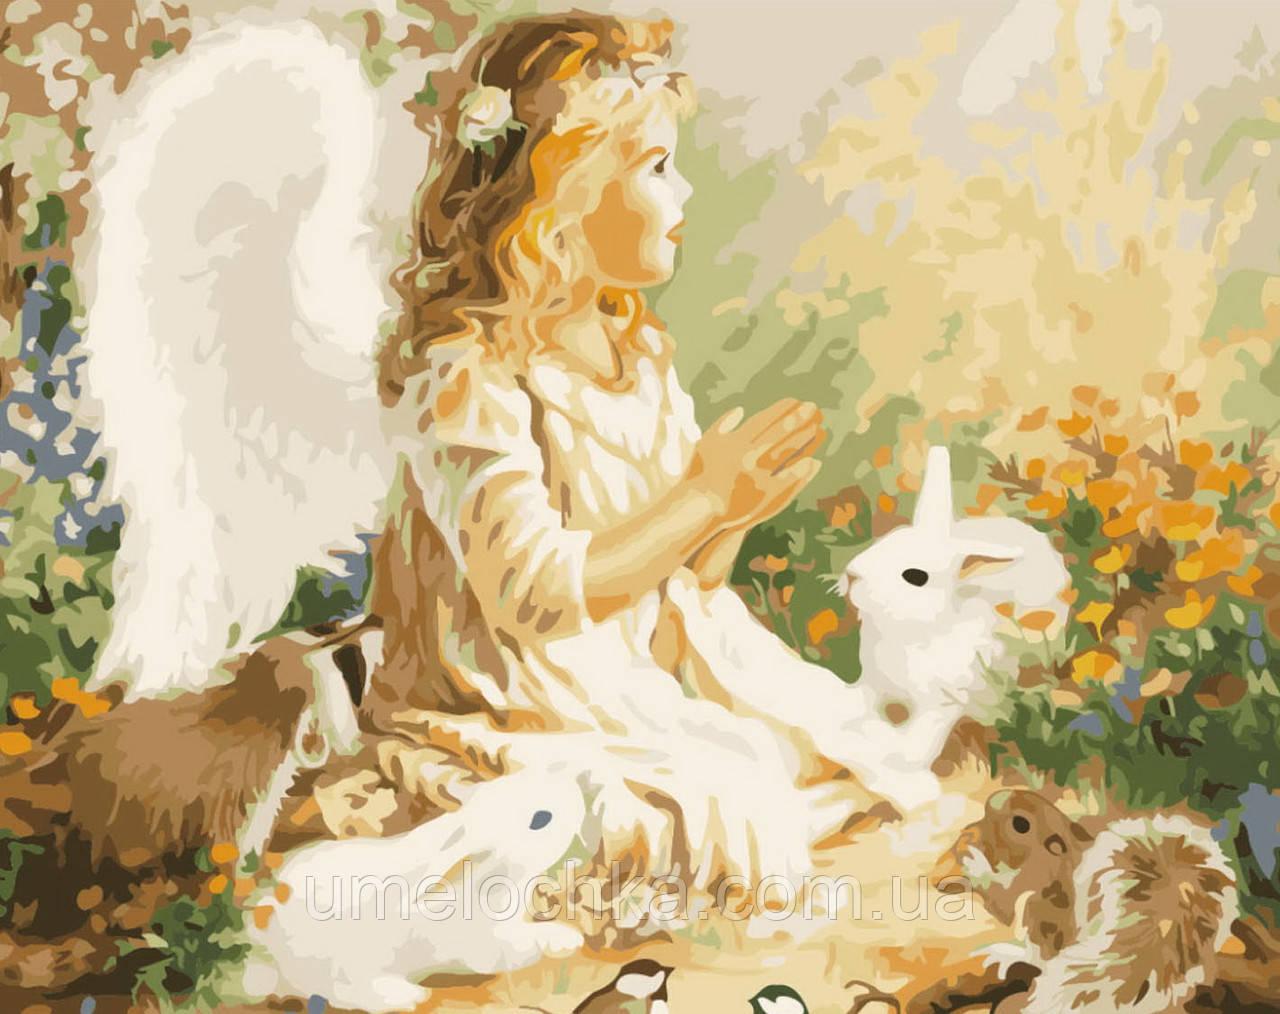 Картина по номерам без коробки Ангелочек в лесу (BK-GX7275) 40 х 50 см